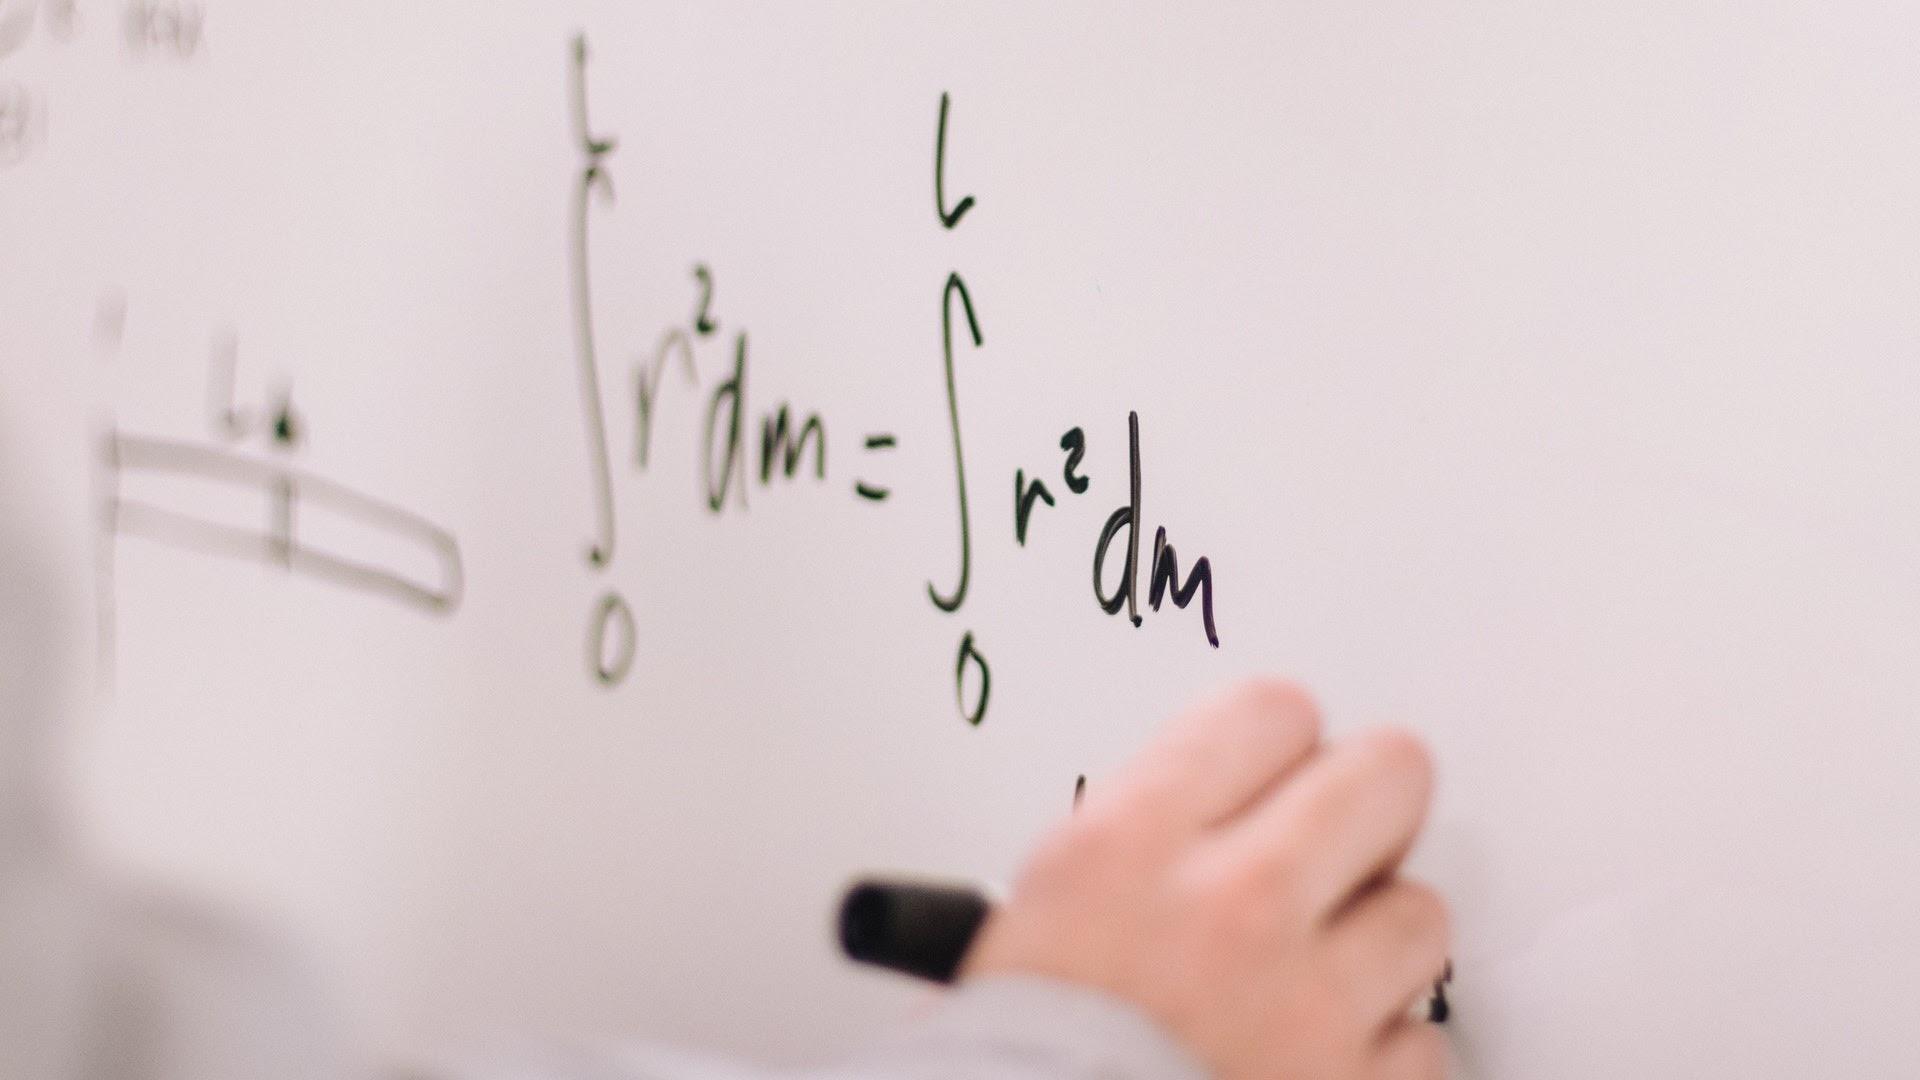 student answering mathematics